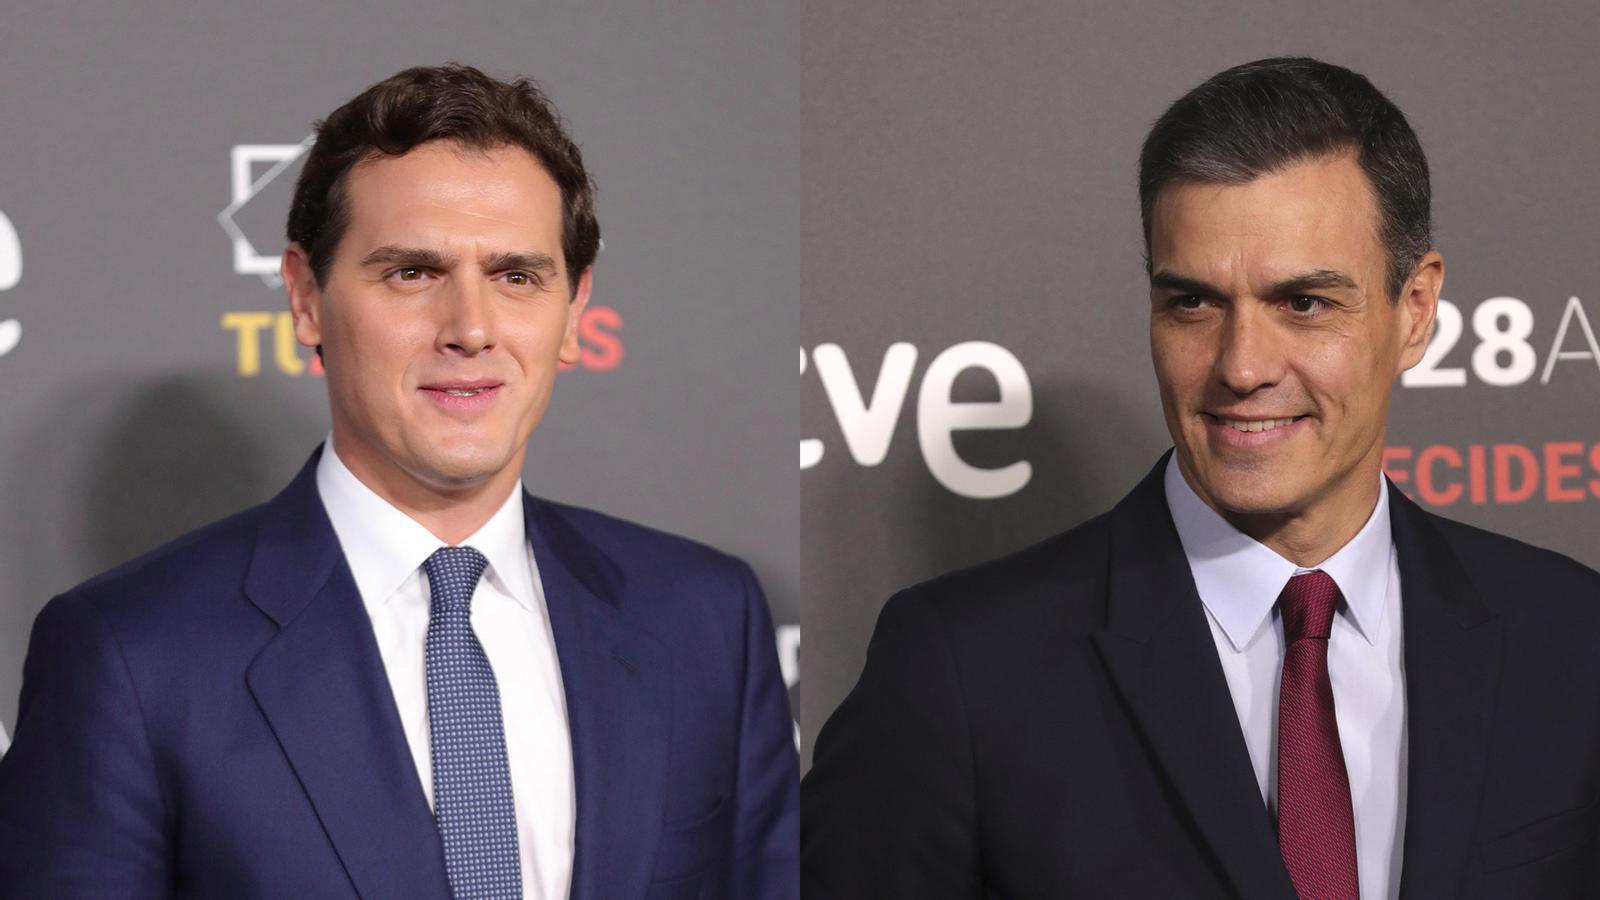 L'anàlisi d'Antoni Bassas: 'La pregunta que Pedro Sánchez no va contestar'